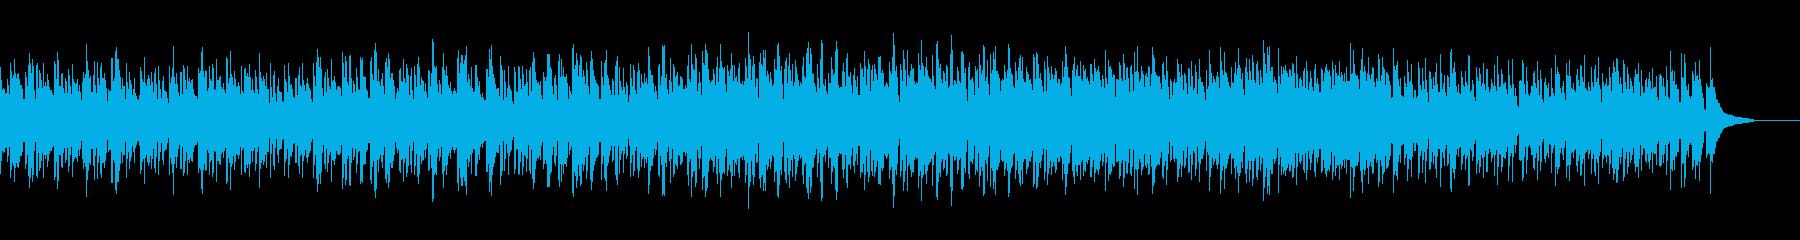 ブルース進行の明るい曲の再生済みの波形